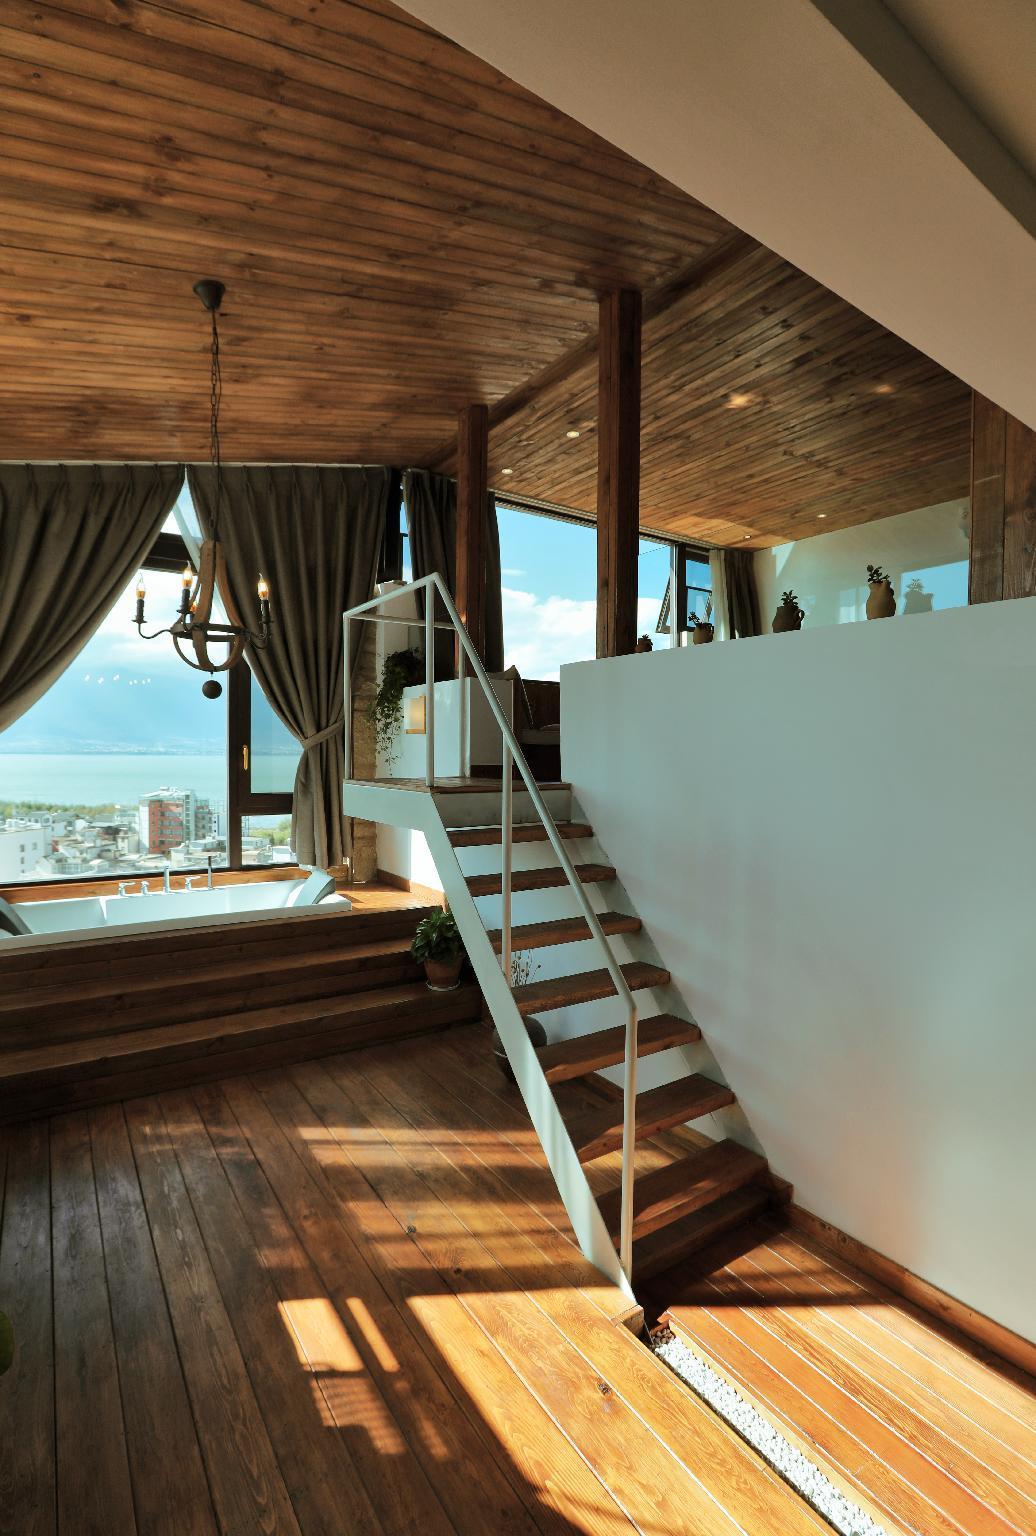 Price Songguoli-401- duplex ocean view suite